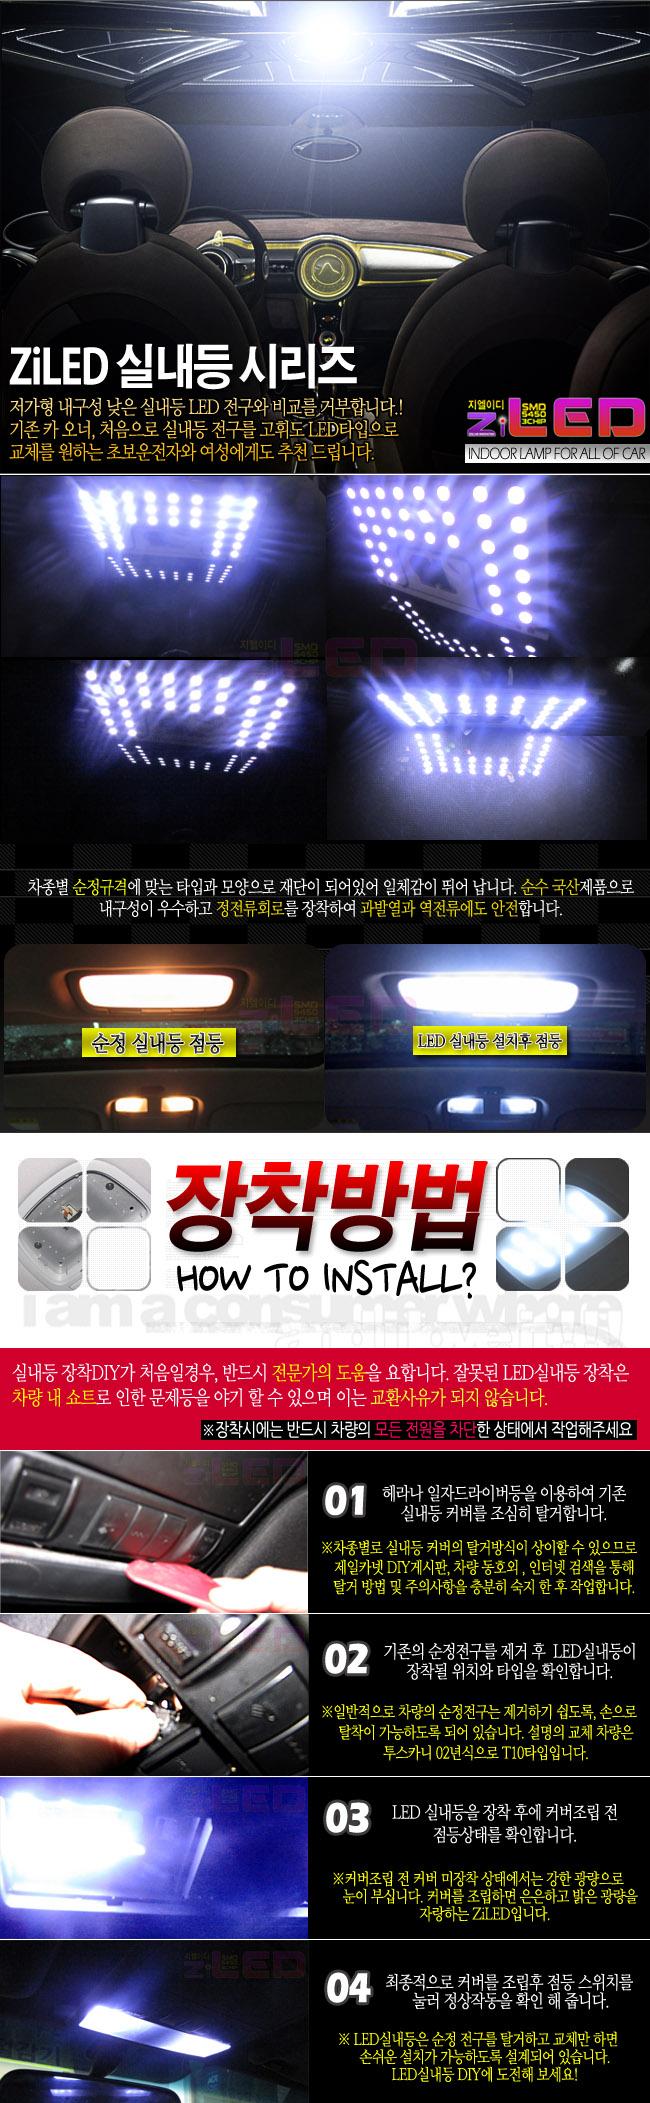 [ZiLED] LED실내등 SMD 5450 3칩 풀세트_ YF소나타(썬루프) [ZA0409]